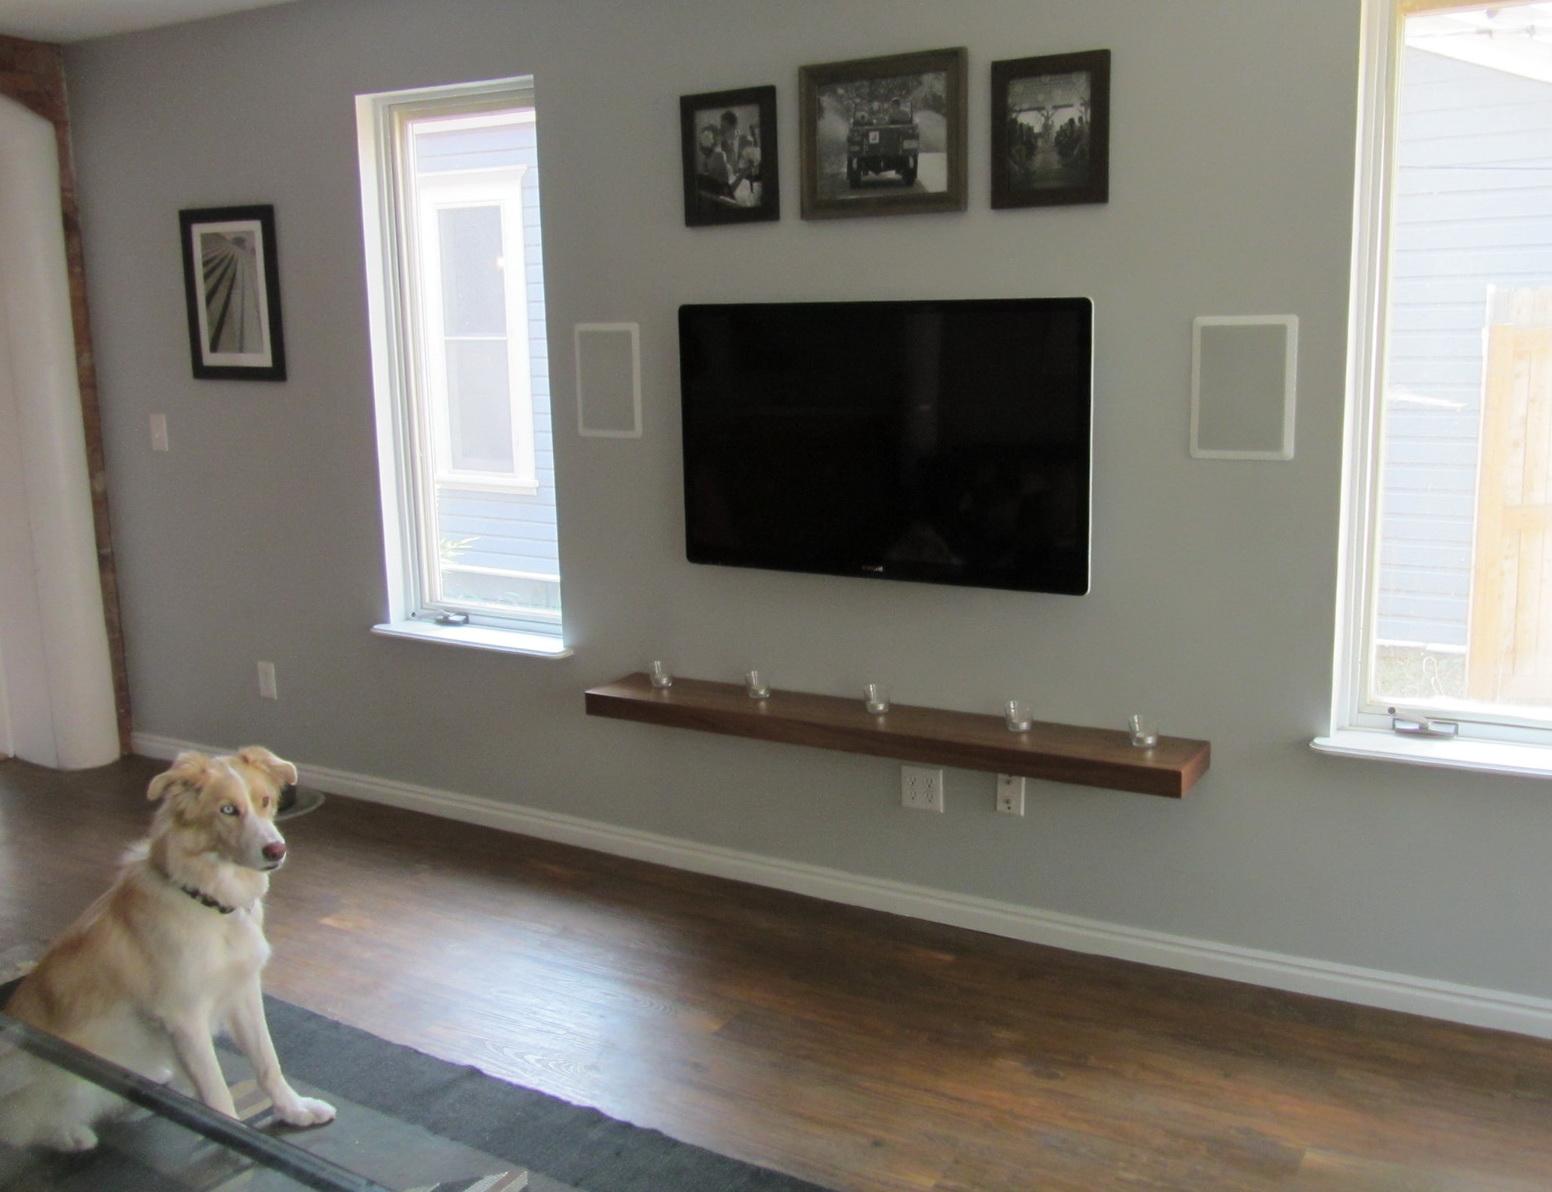 Wall mount tv shelf ideas